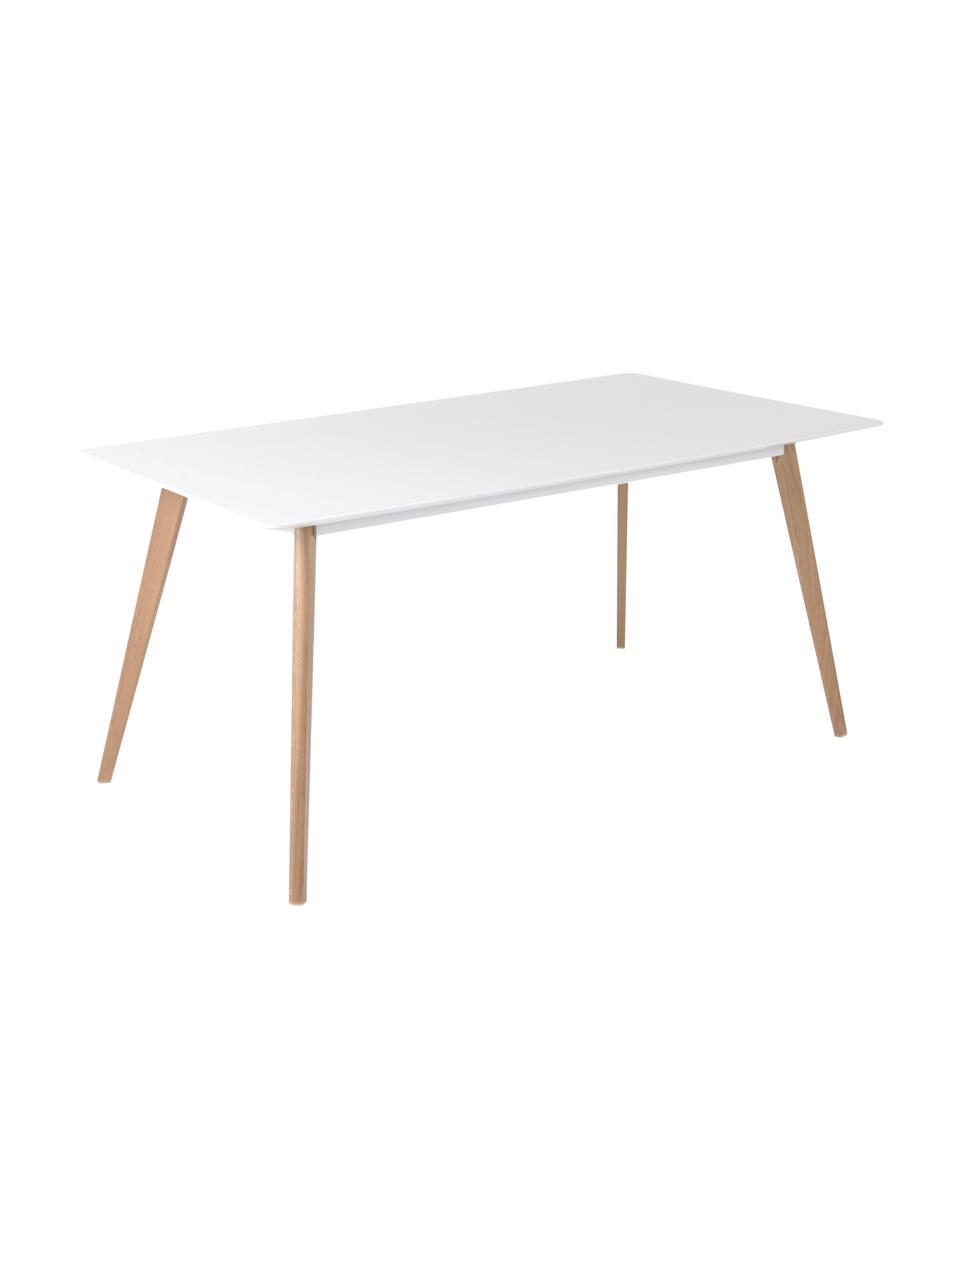 Esstisch Flamy, 160 x 90 cm, Tischplatte: Mitteldichte Holzfaserpla, Weiß, B 160 x T 90 cm